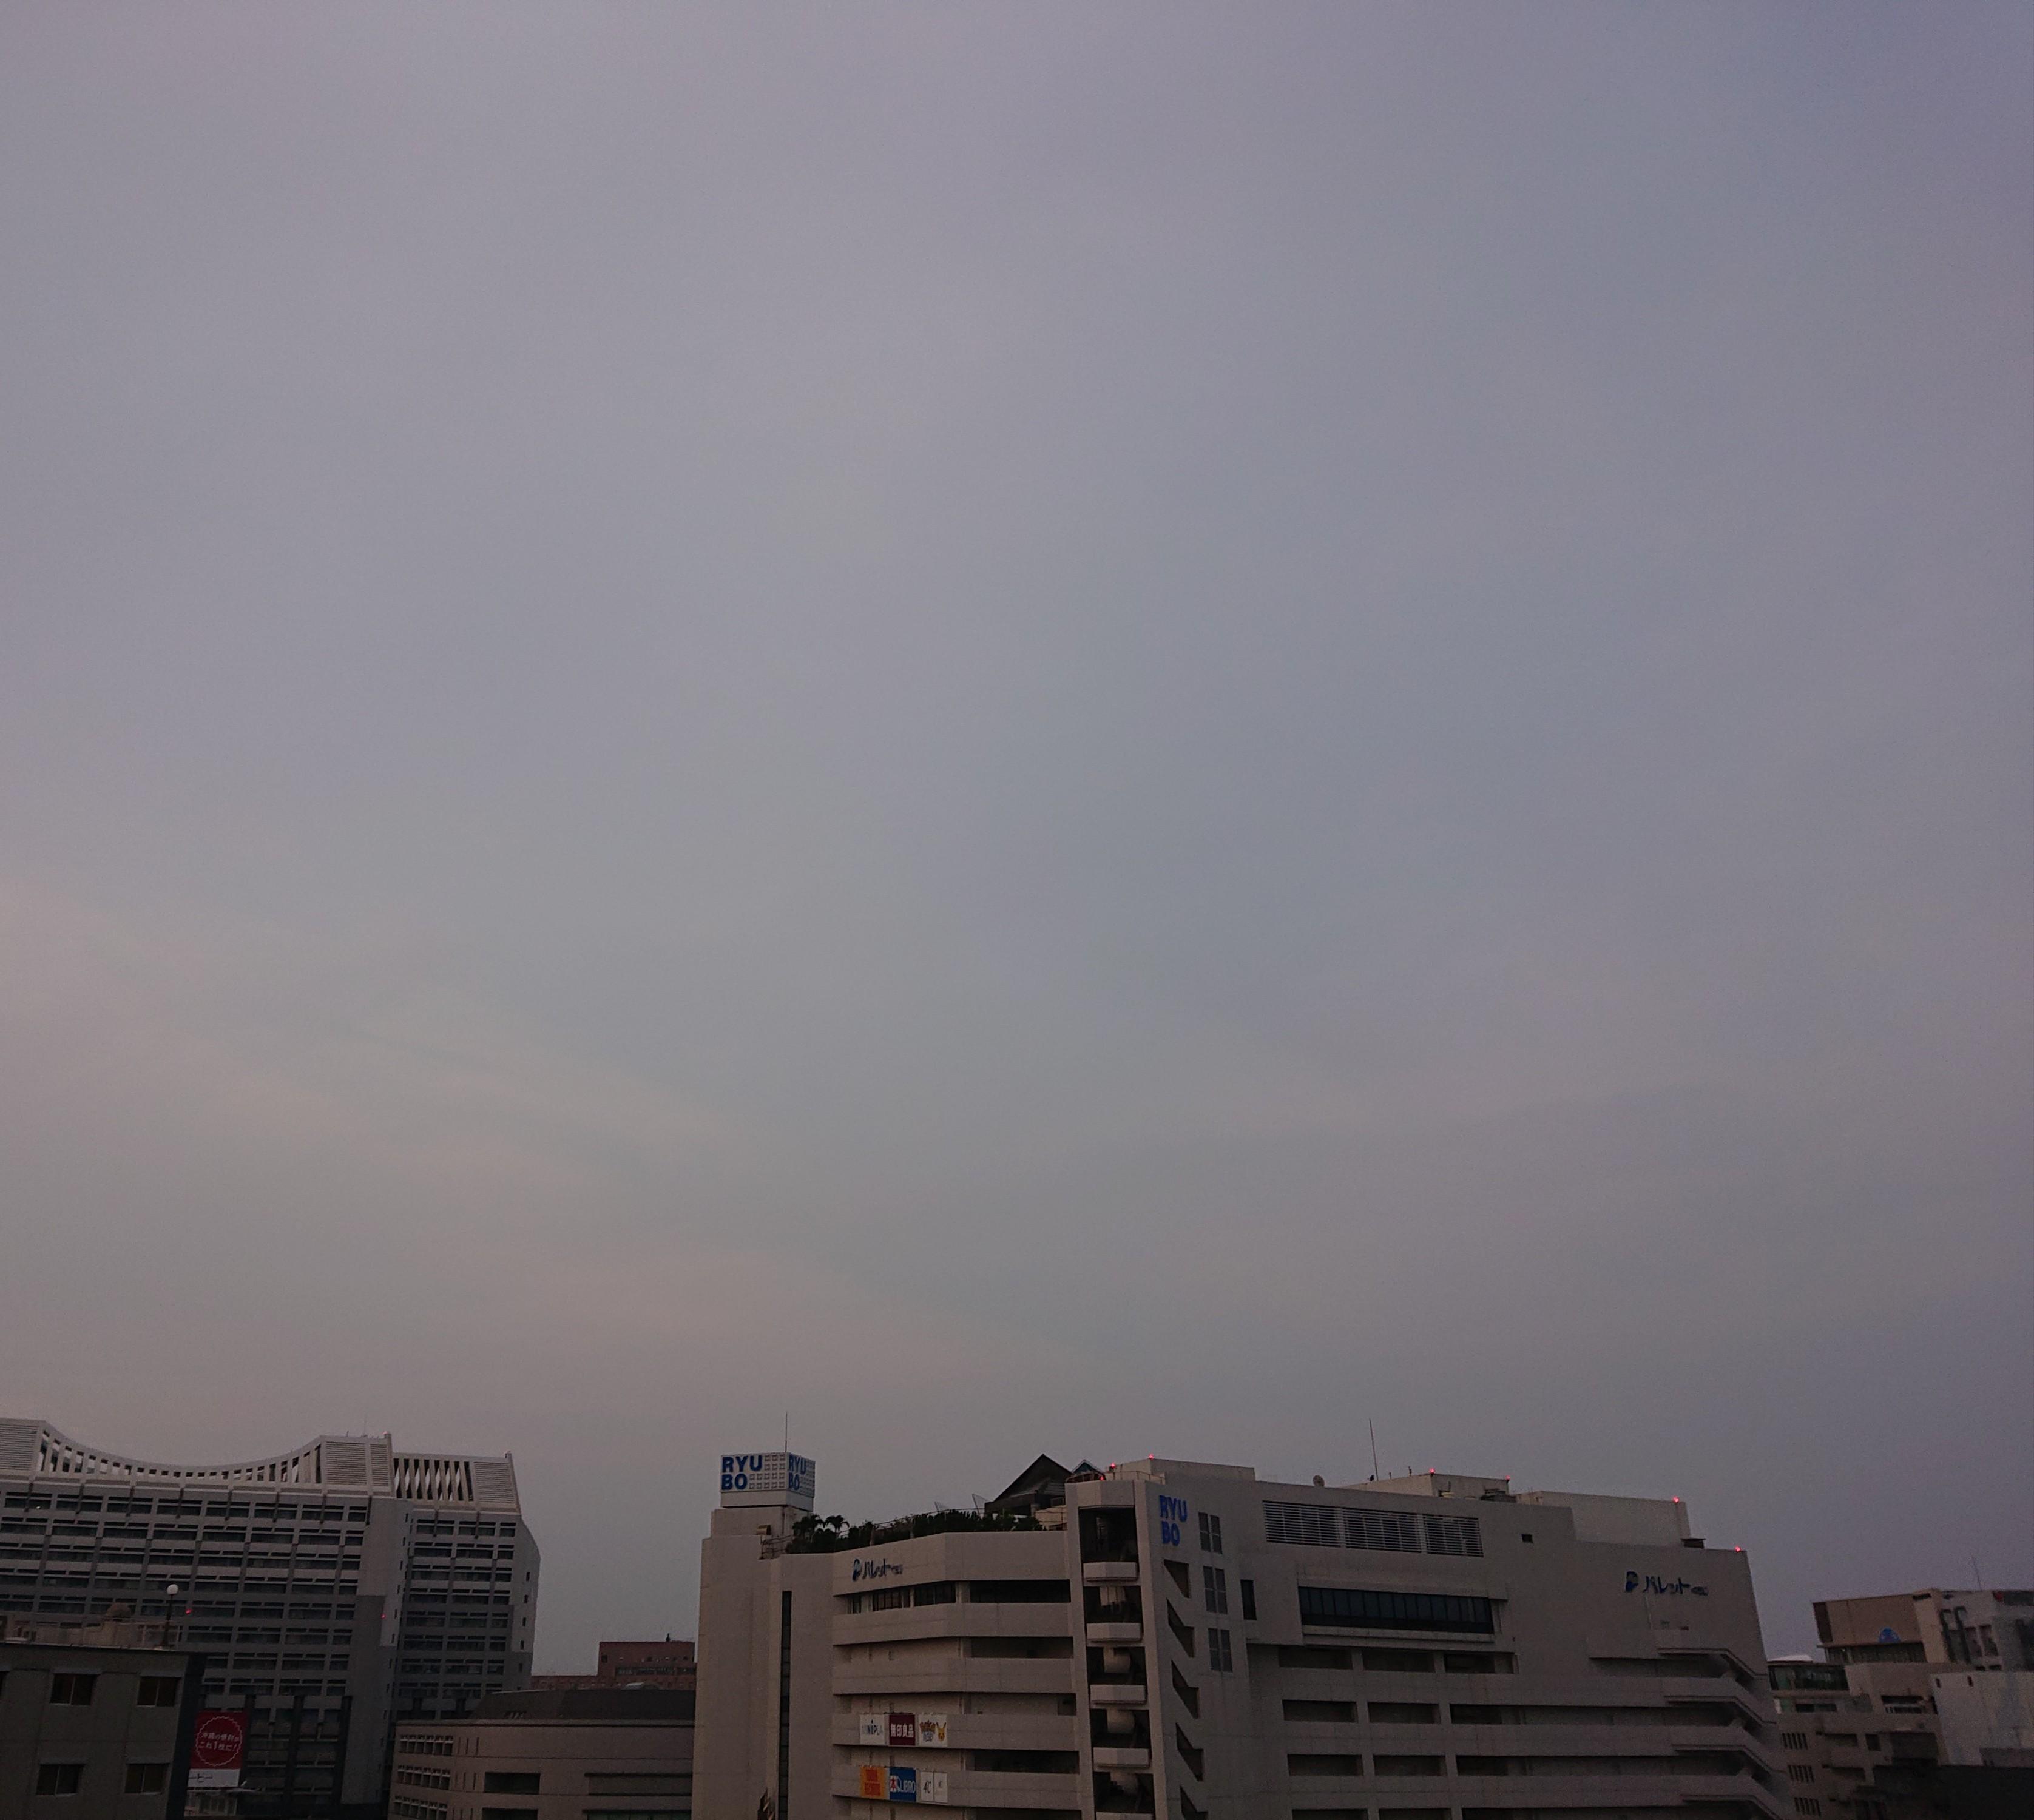 8月17日土曜日、東京工科大学、日本工学院 進学相談会開催 沖縄 ホテルサンパレス球陽館